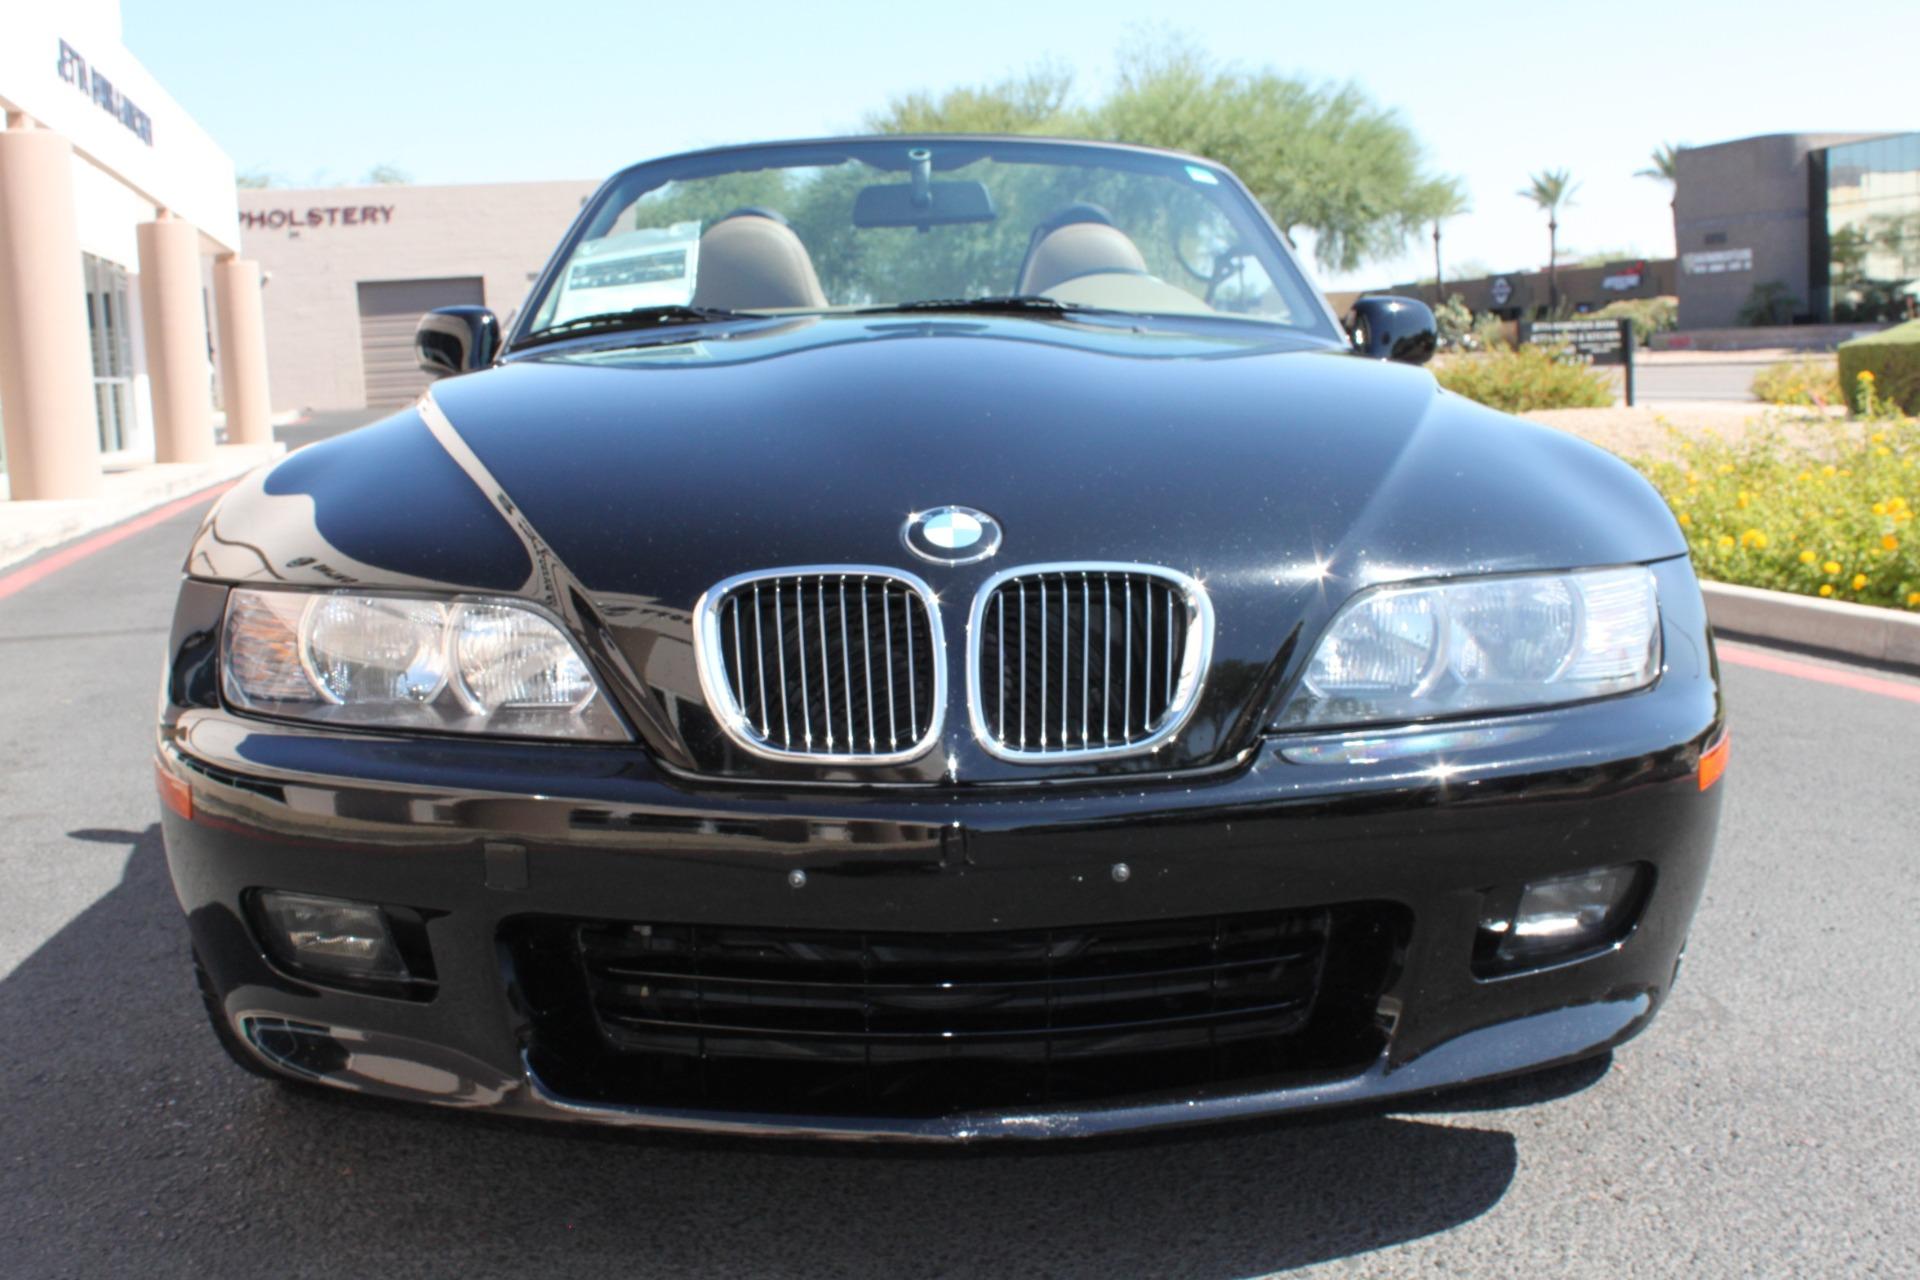 Used-2001-BMW-Z3-30i-Roadster-Lexus